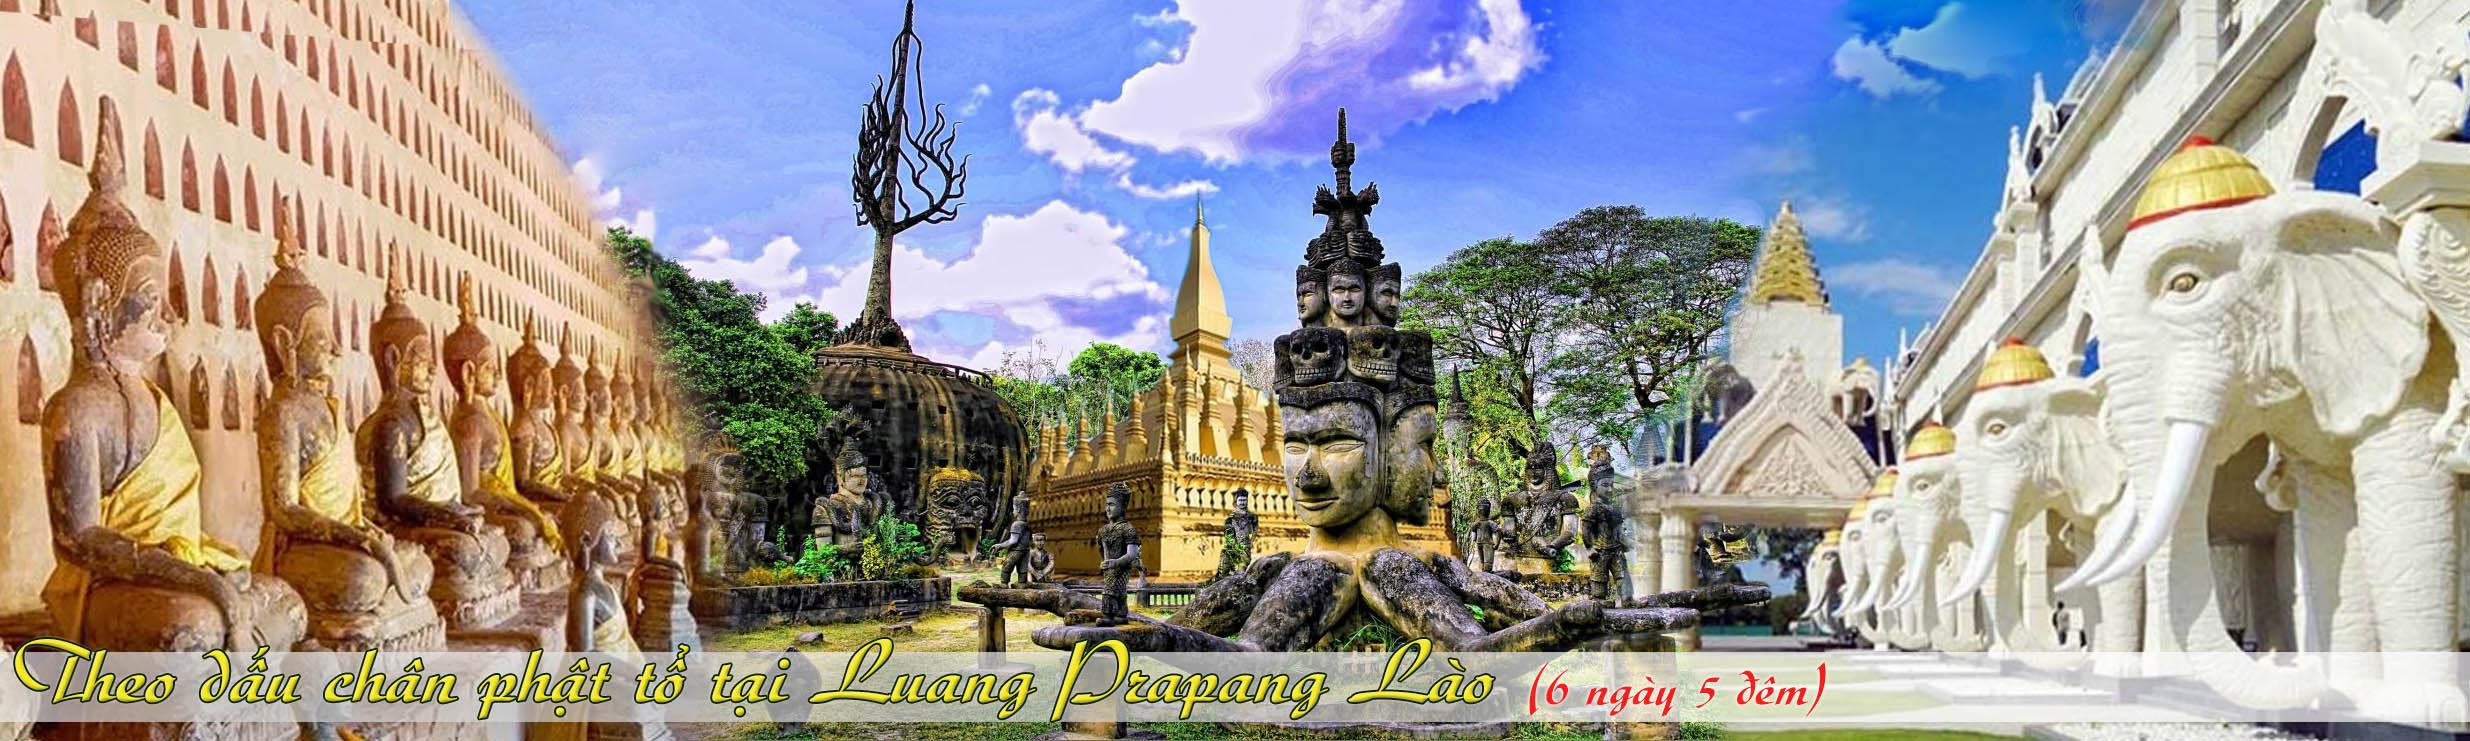 Tour du lịch Luang Prapang Lào